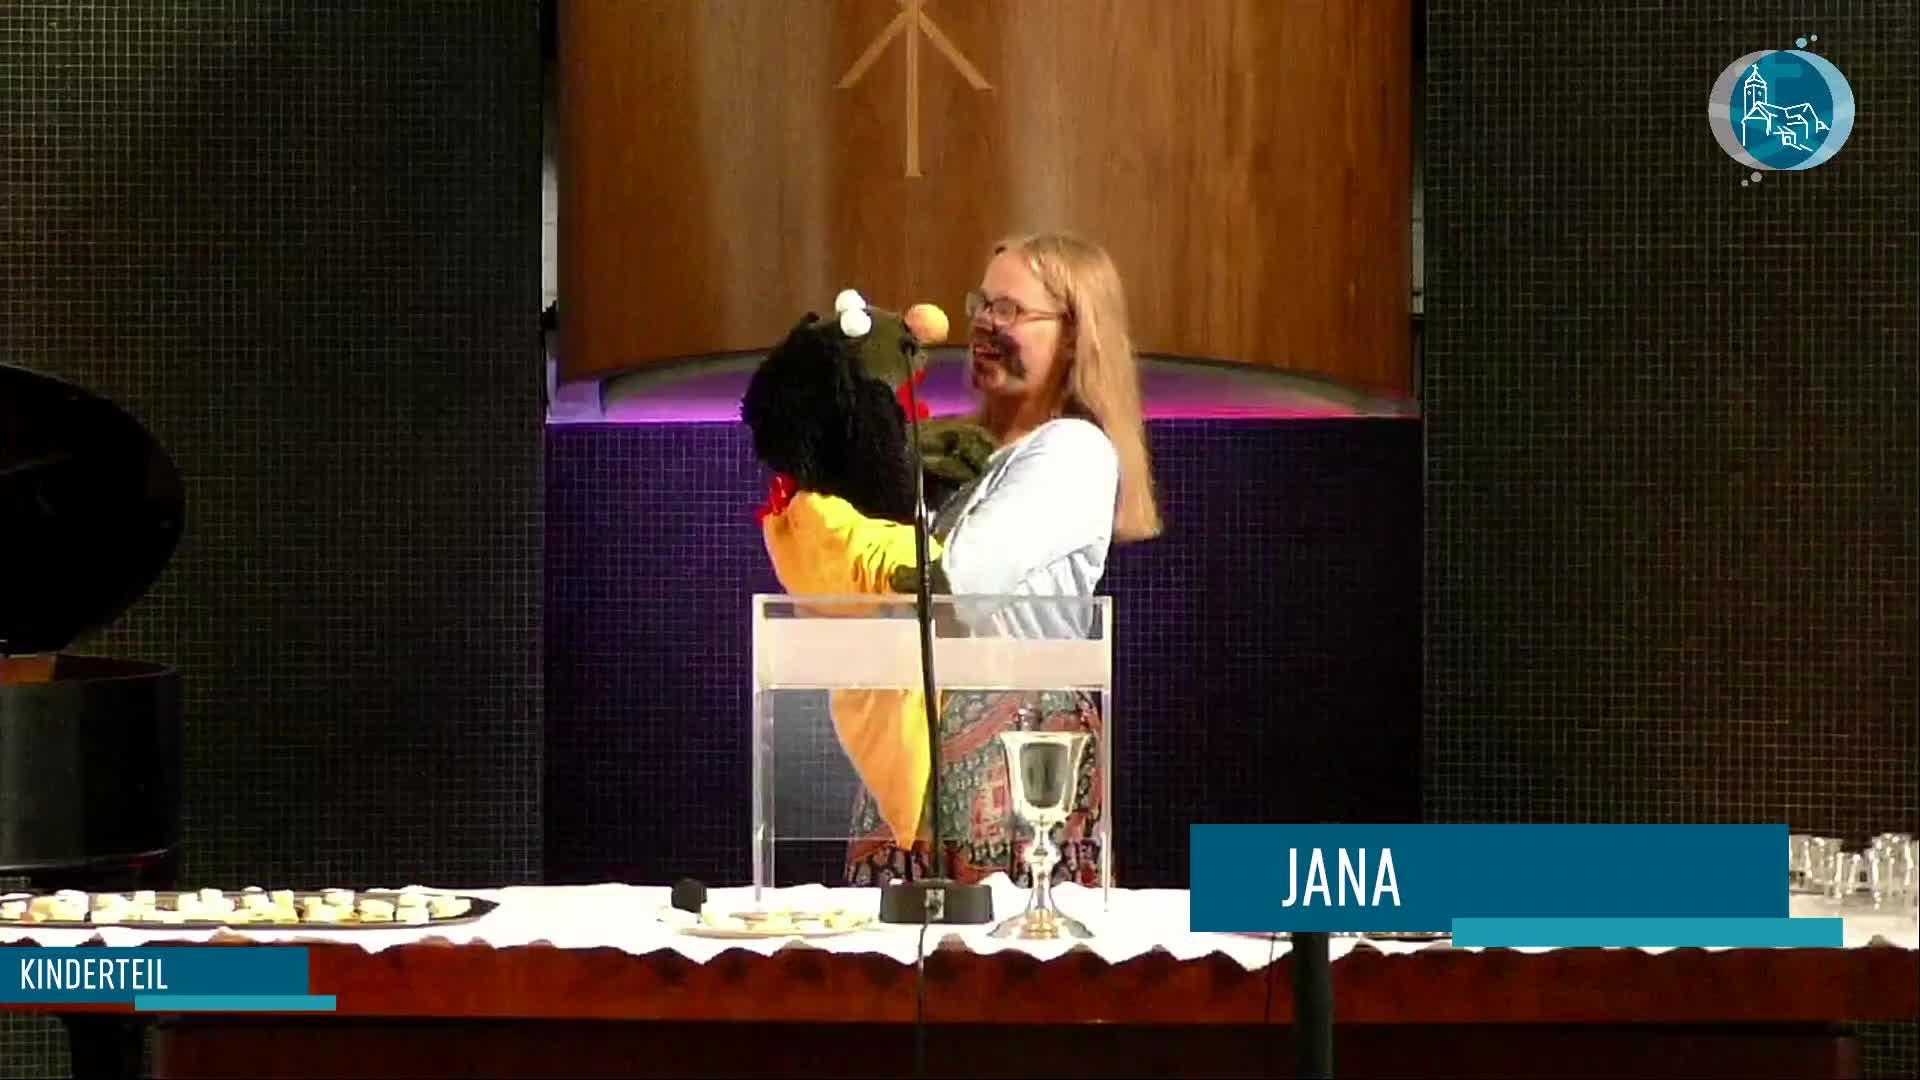 Gottesdienst (mit Abendmahl) am 6. September - Livestream aus der Christuskirche Altona